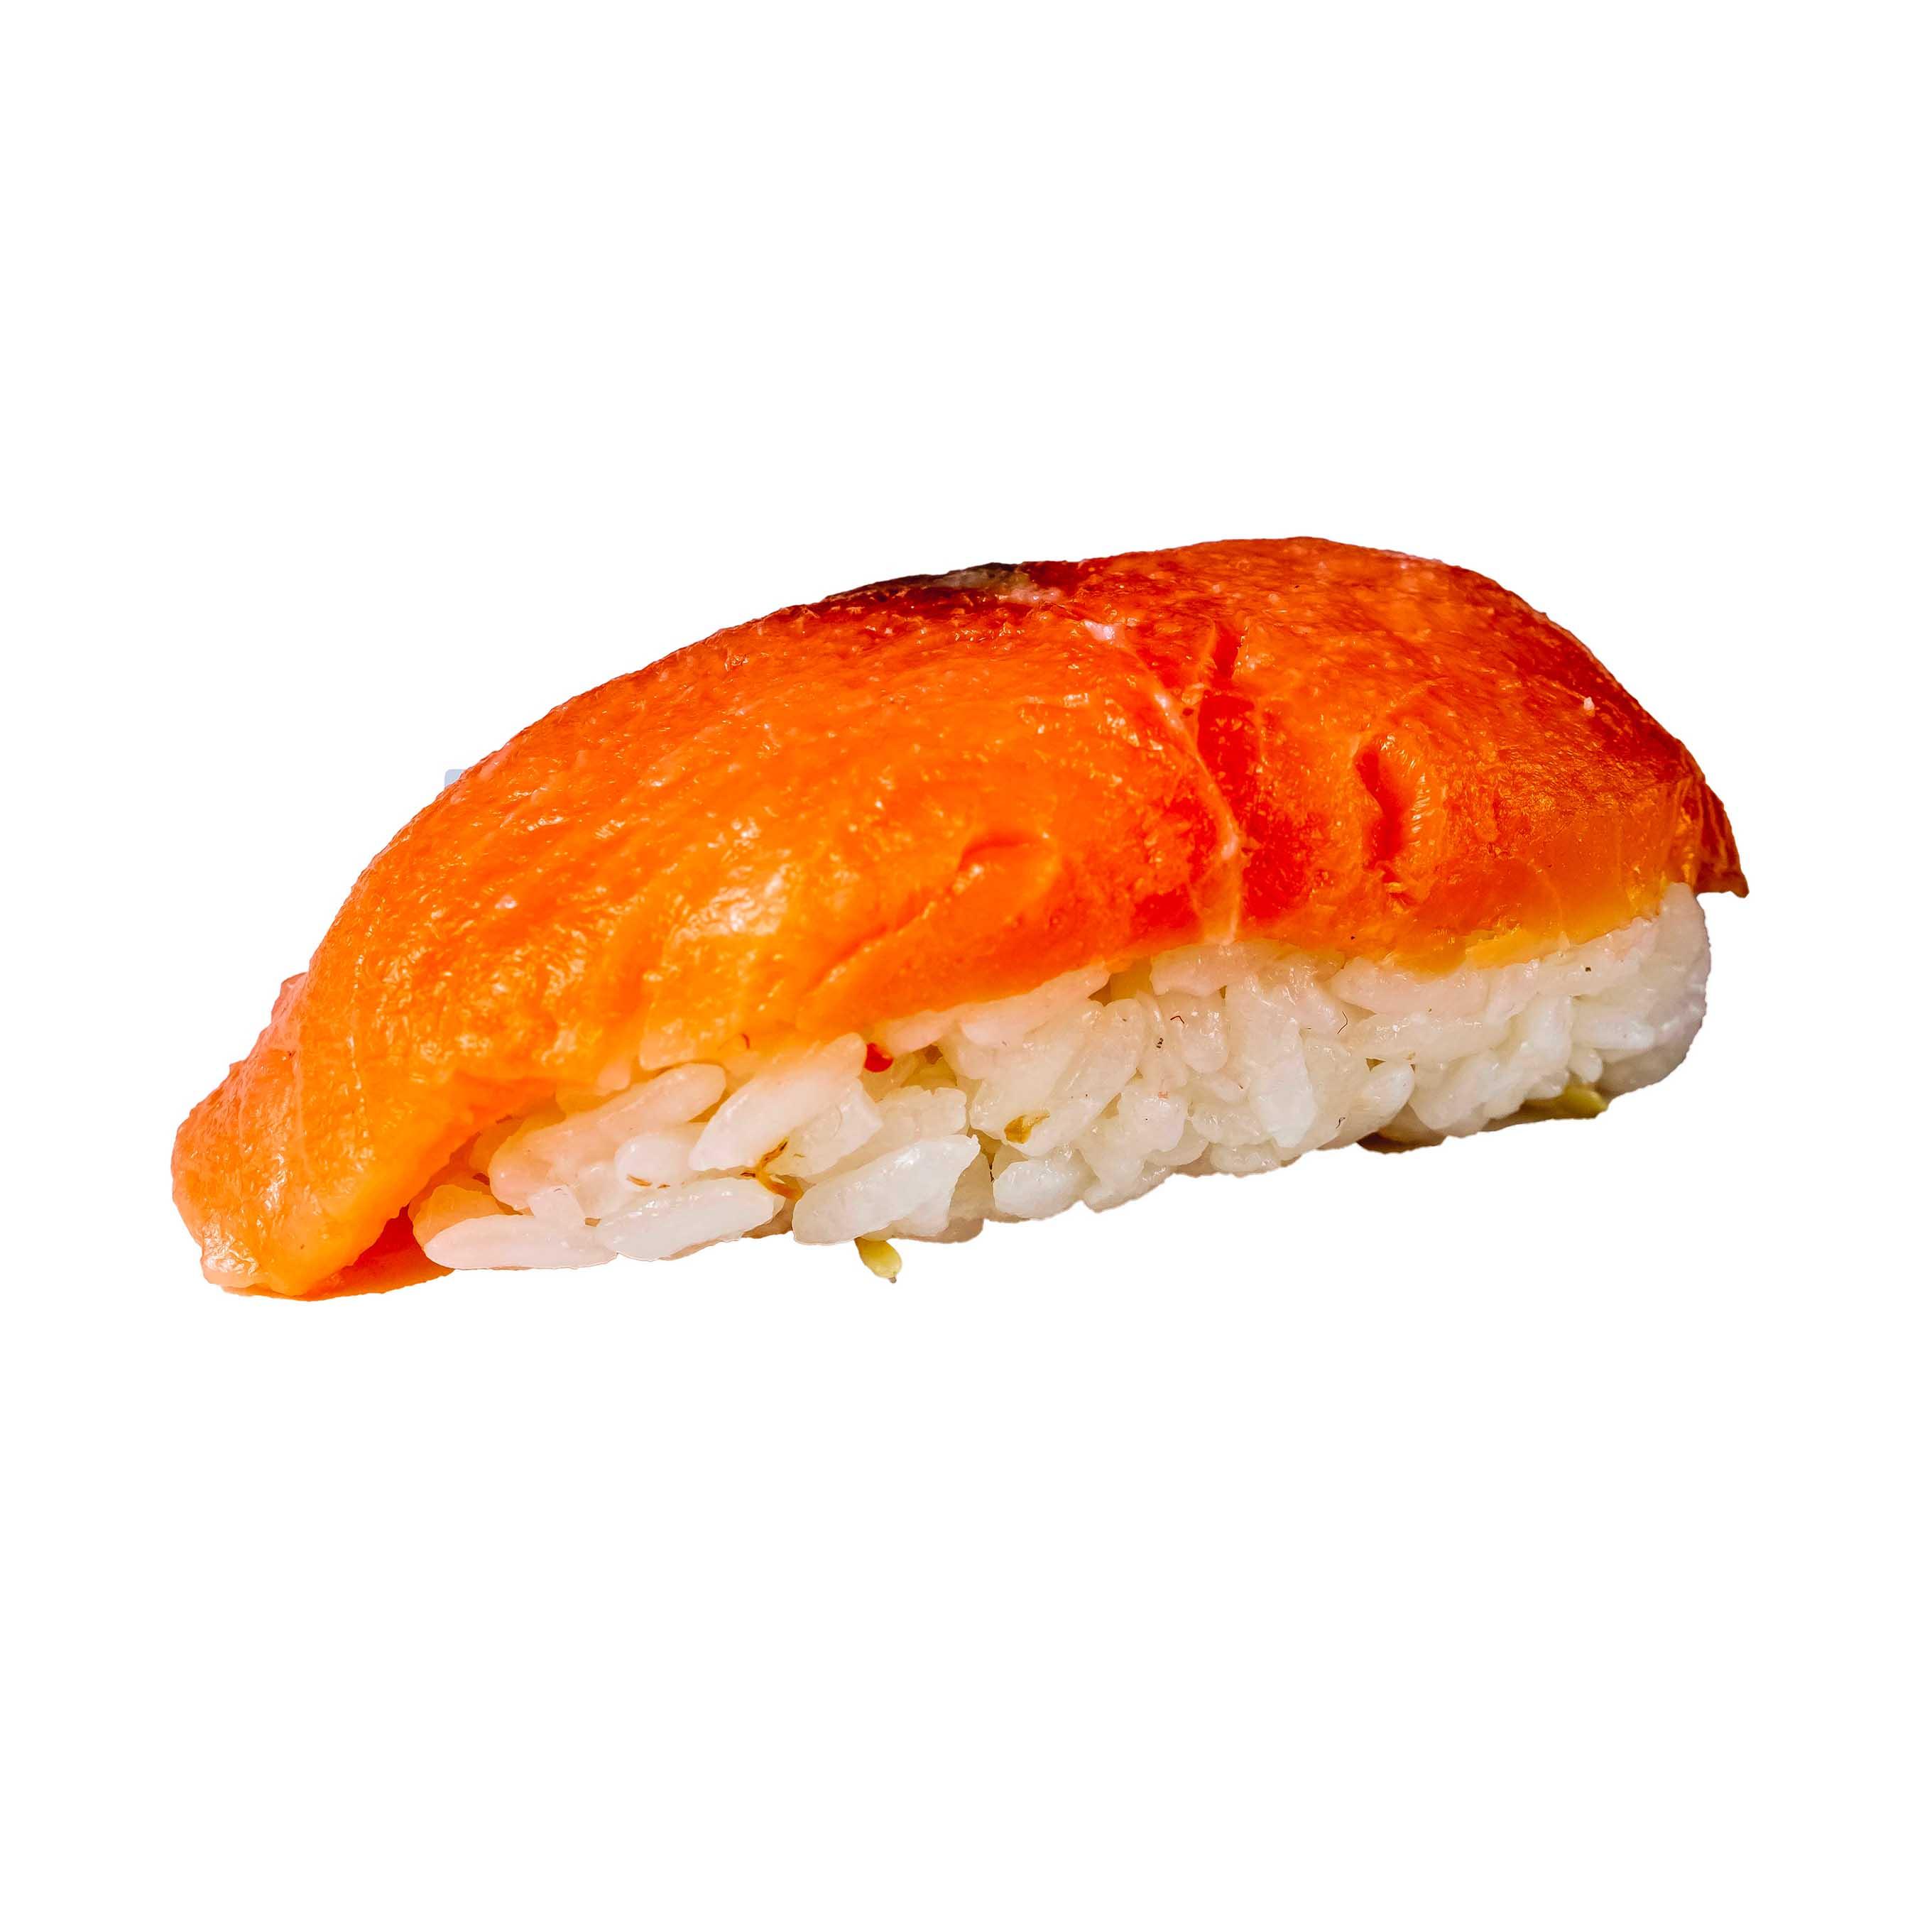 Smoked nigiri